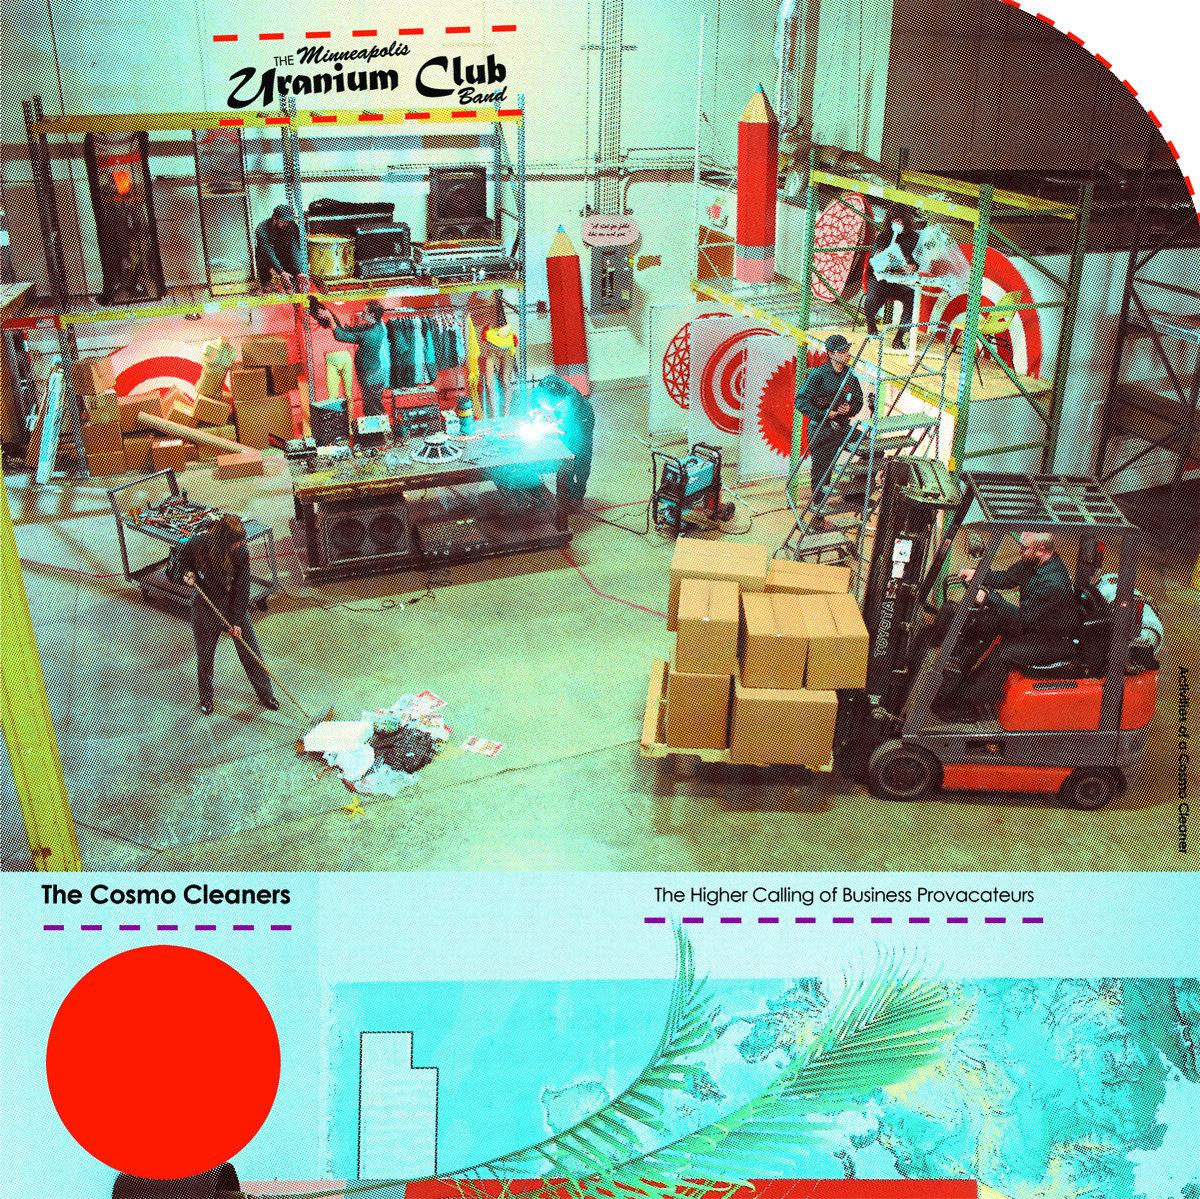 uranium club.jpg